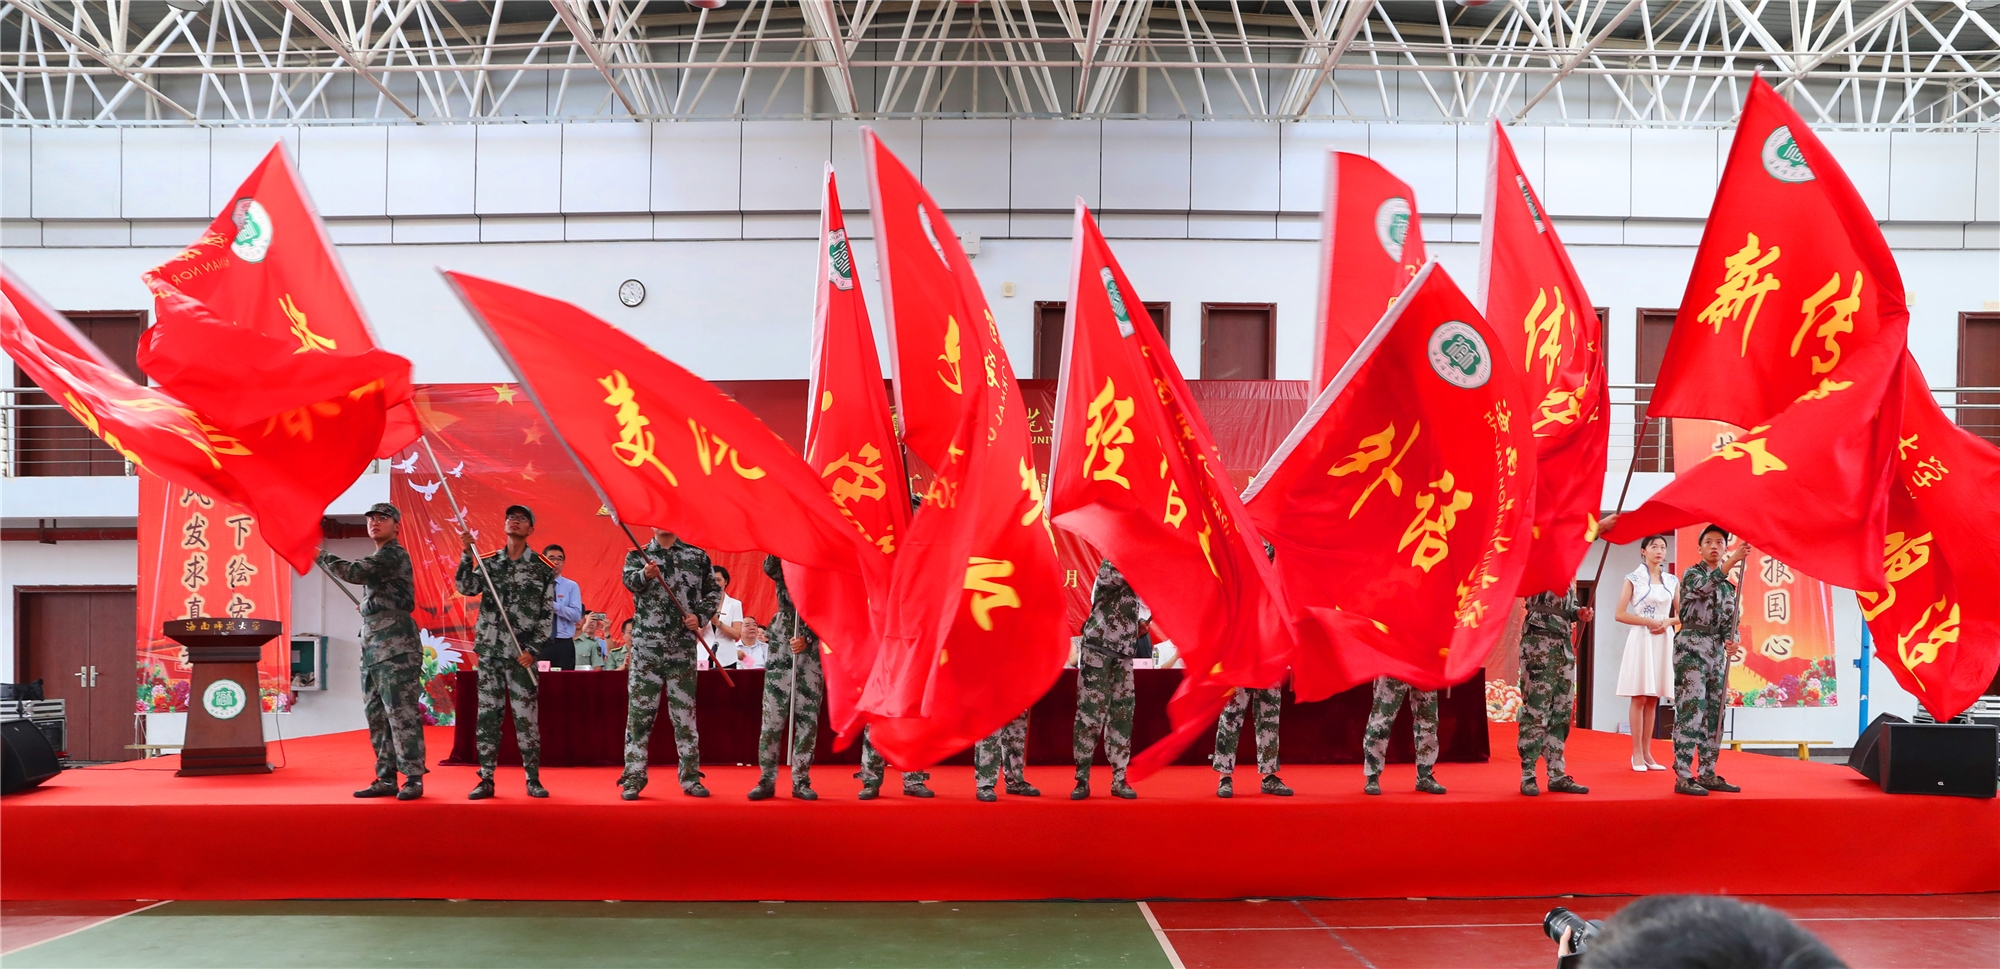 千龙娱乐隆重举行2019级本科生开学典礼暨军训动员大会